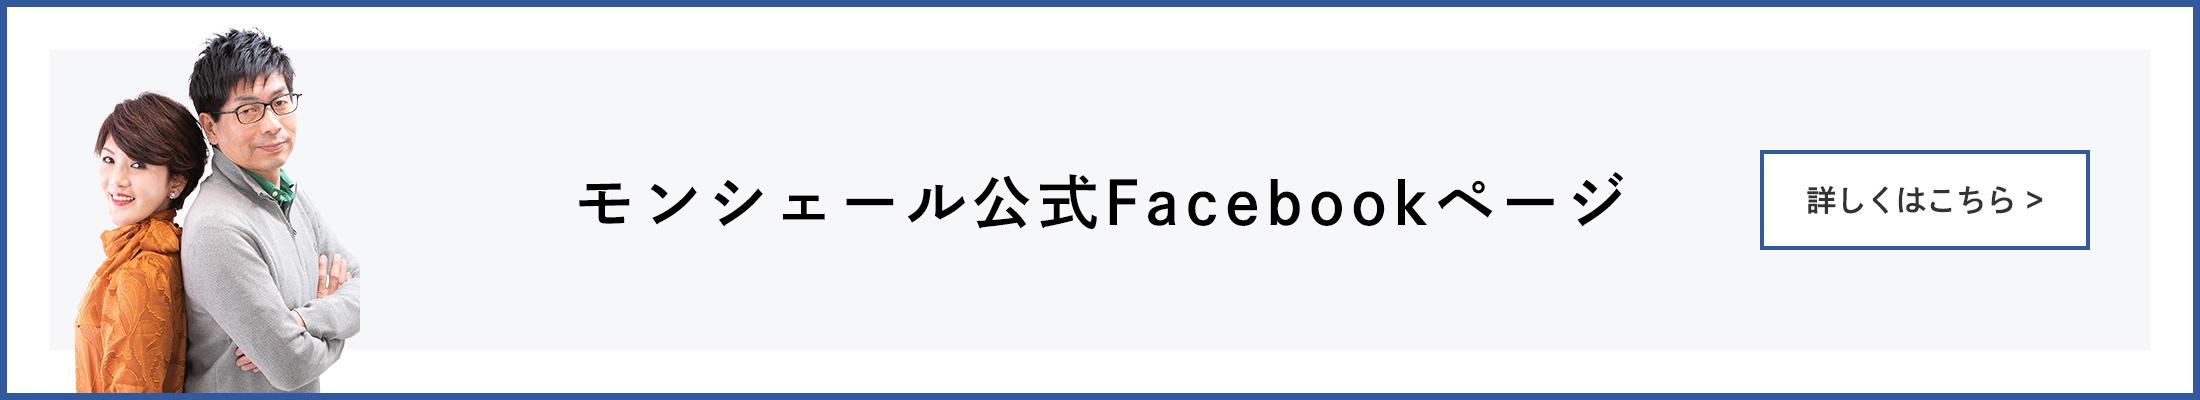 公式Facebook ページ